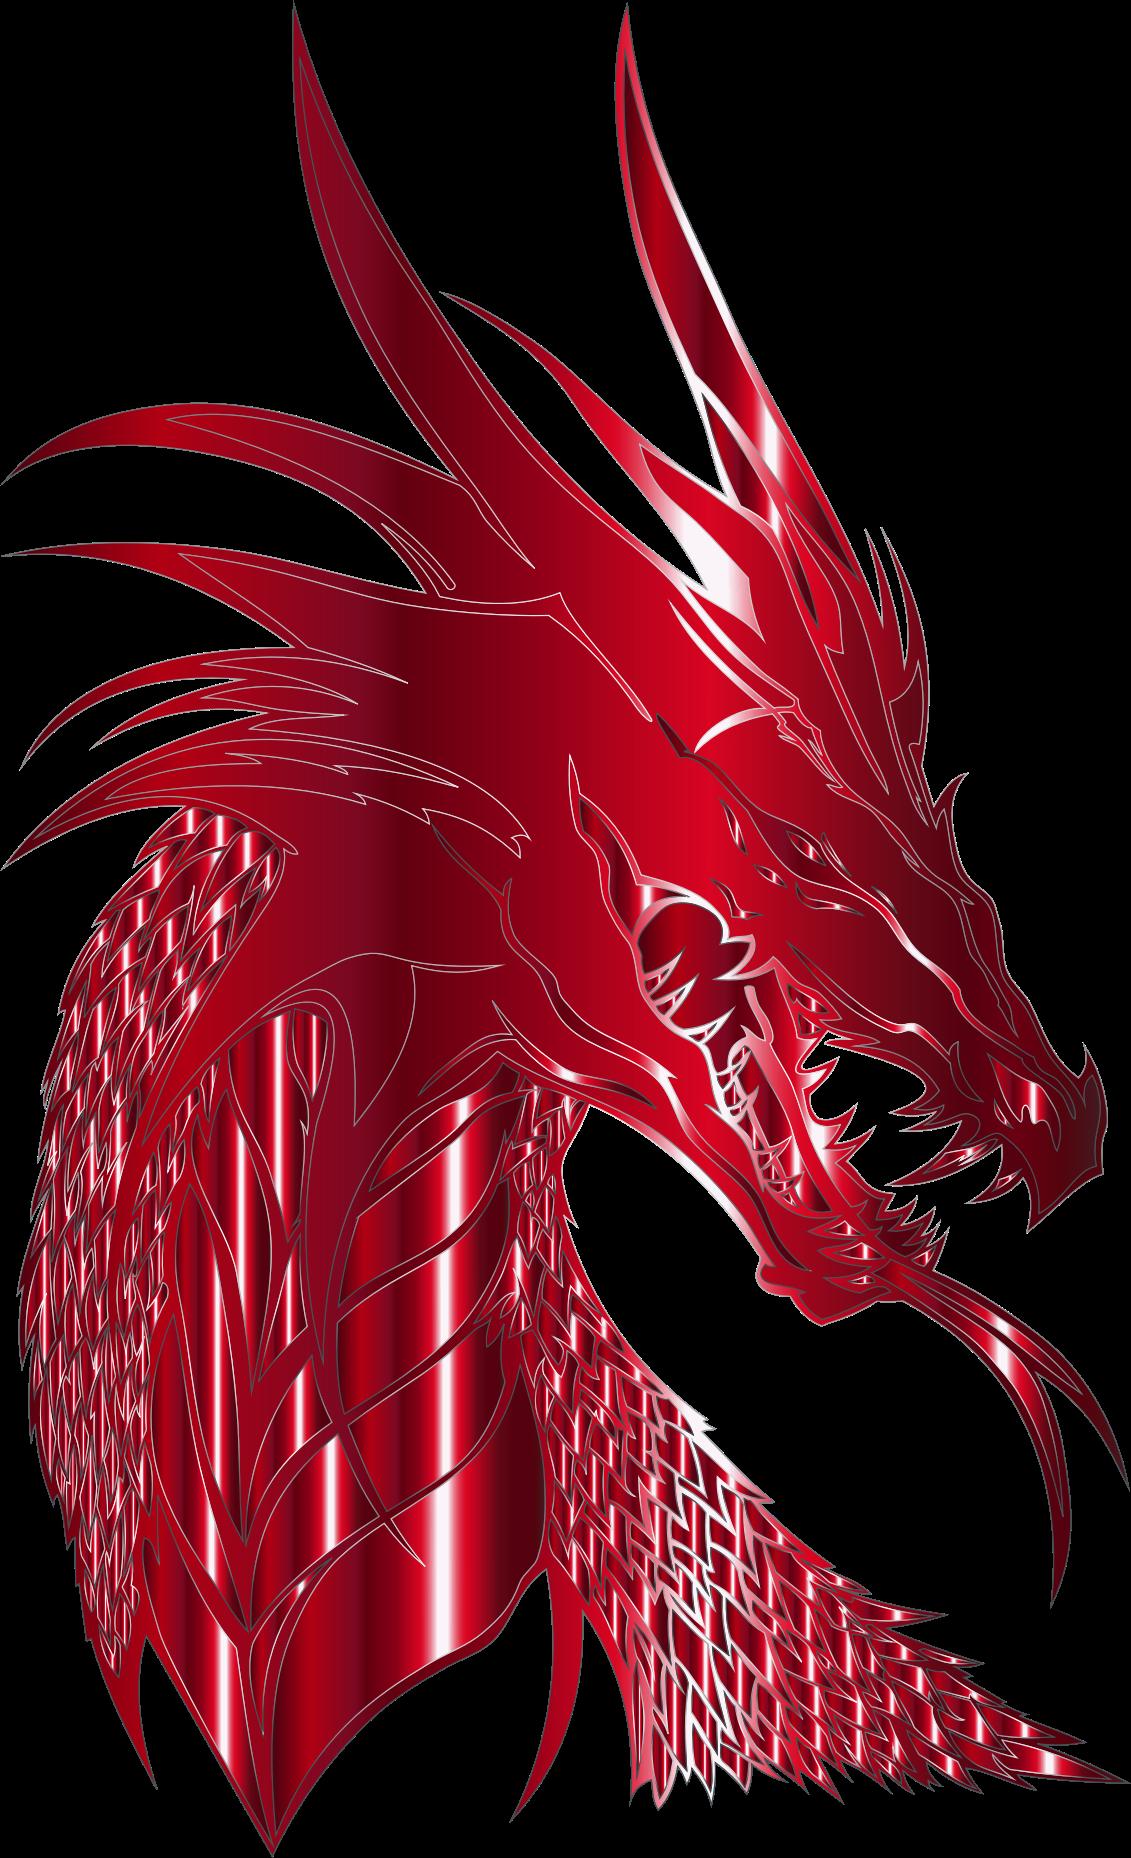 Red Dragon Dragon Head Drawing Dragon Head Tattoo Dragon Tattoo Images